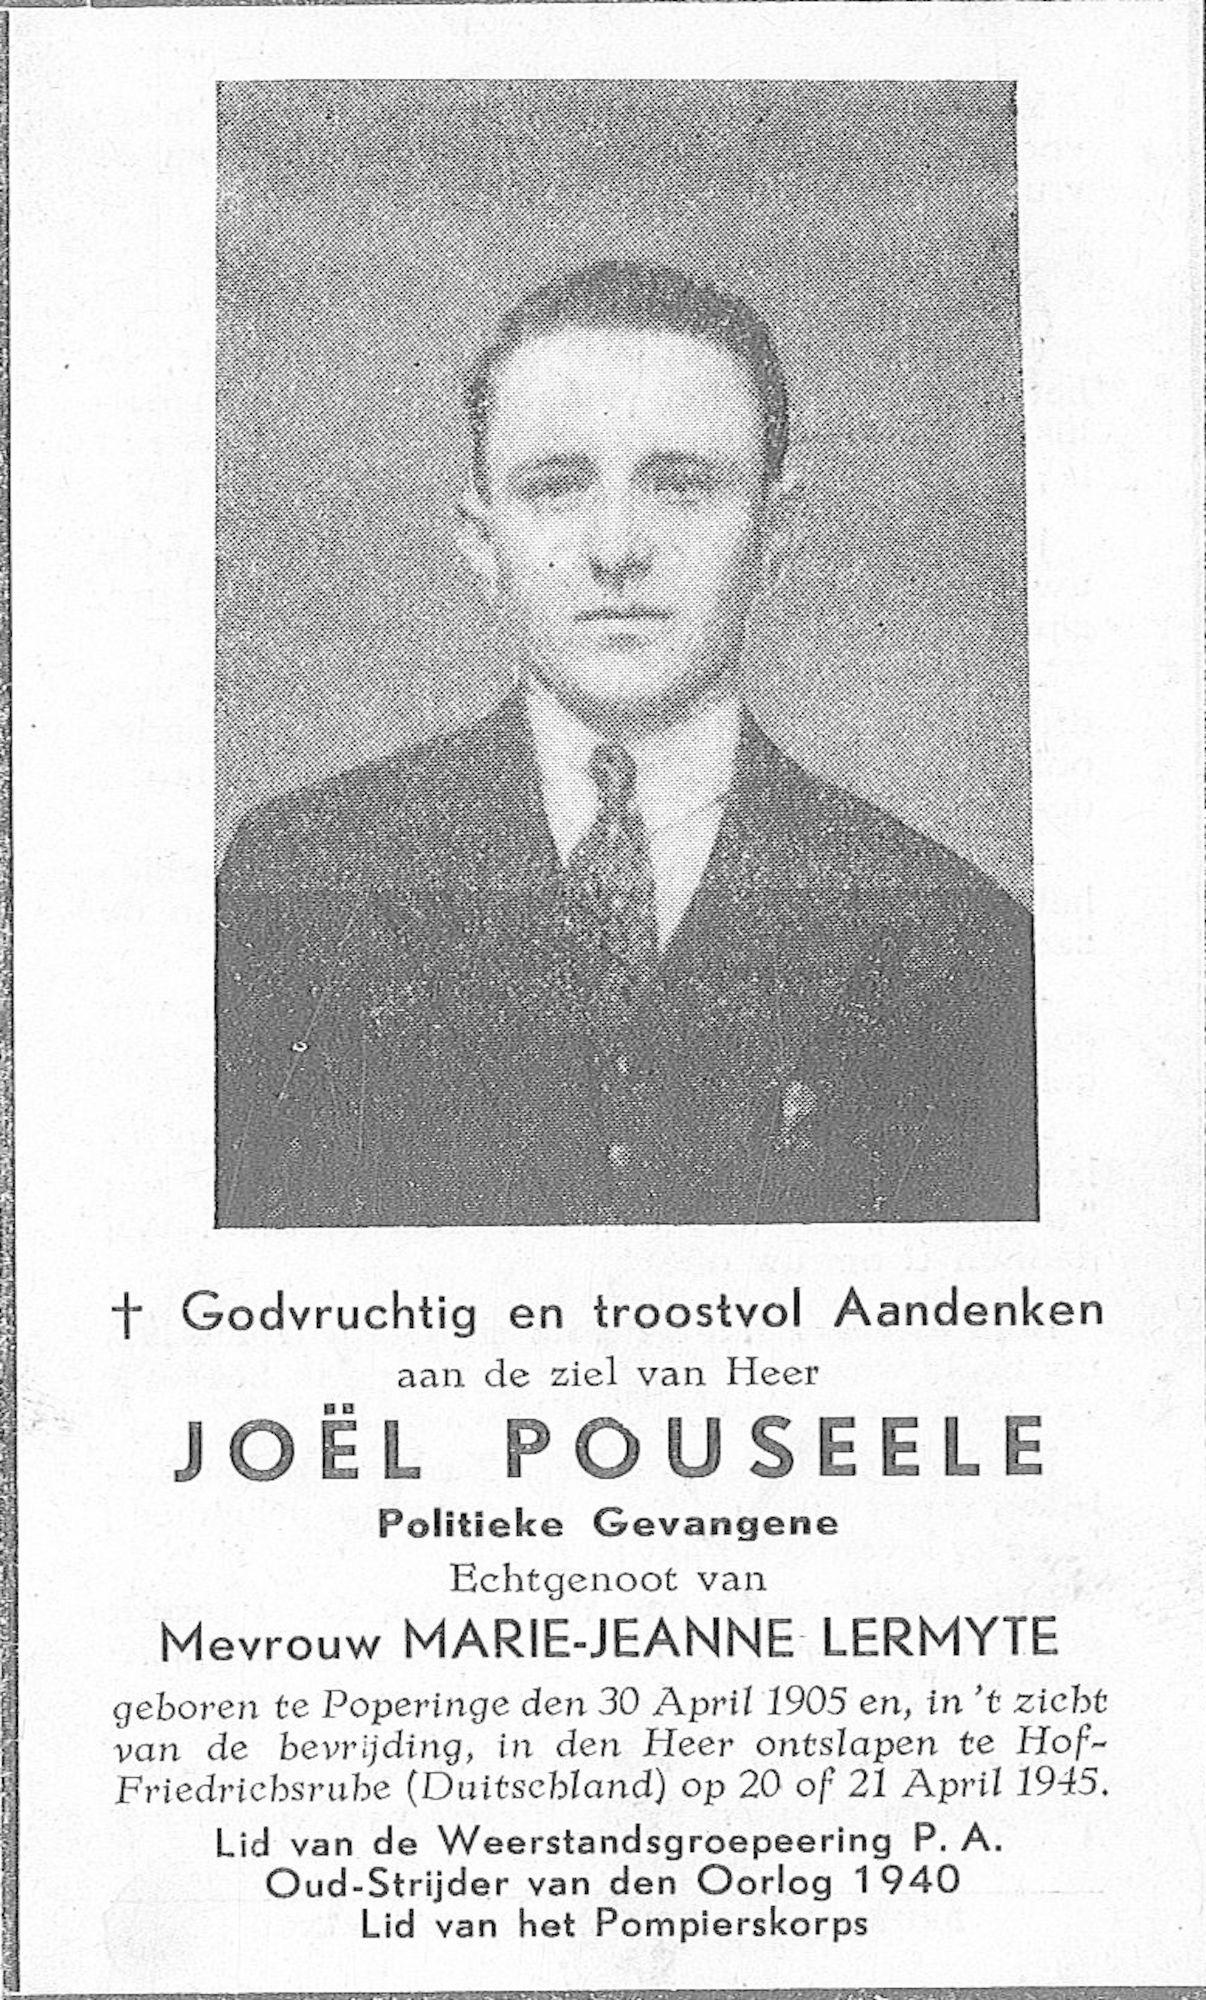 Joël Pouseele